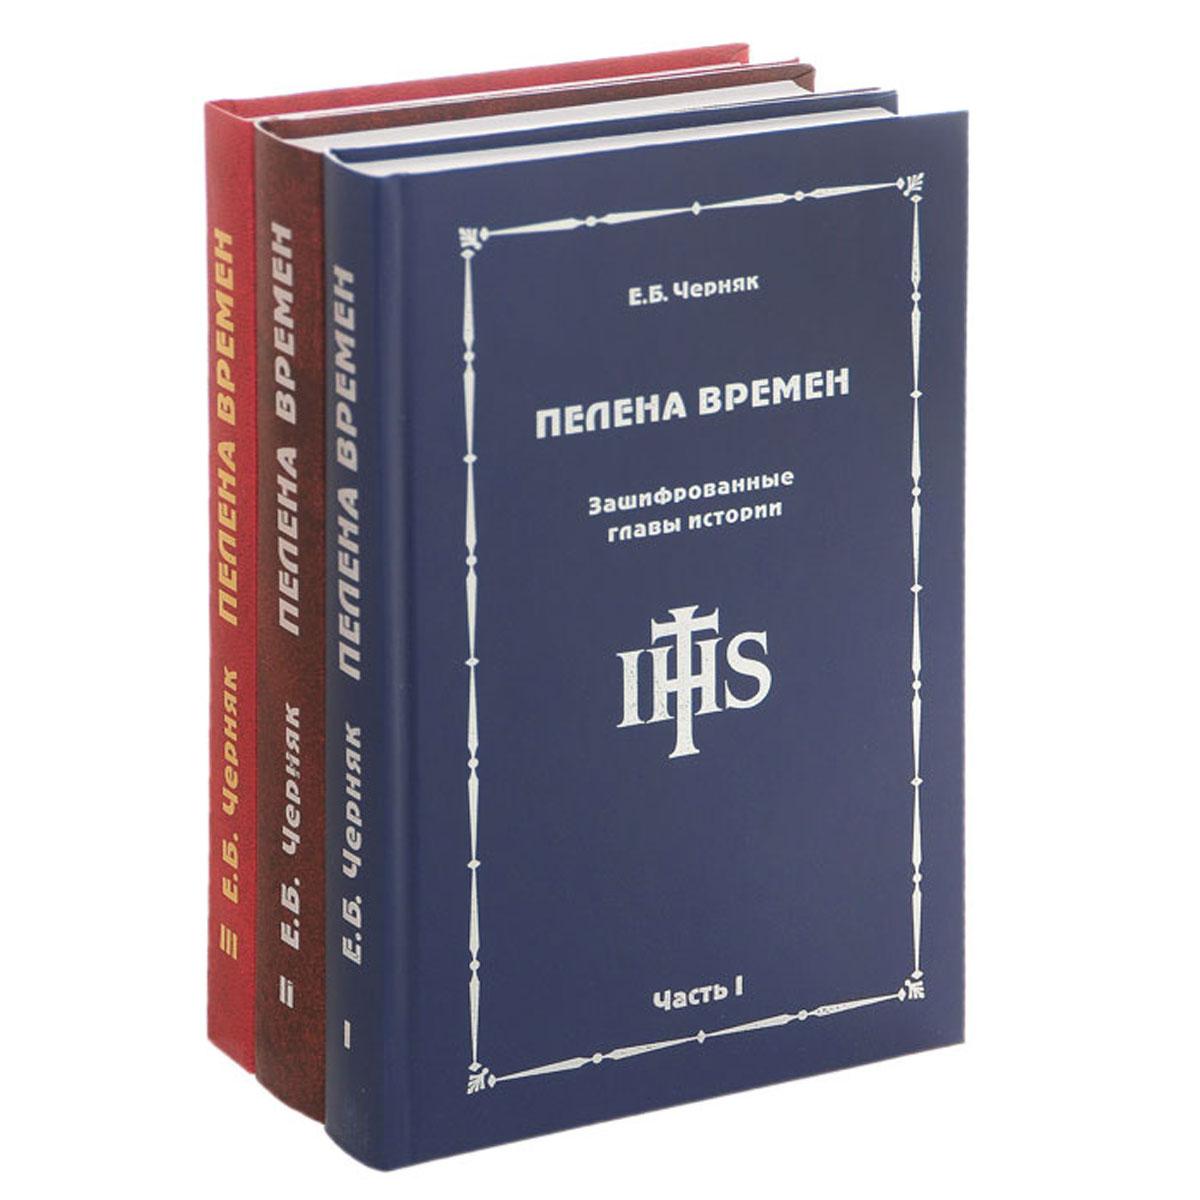 Пелена времен. Зашифрованные главы истории (комплект из 3 книг). Е. Б. Черняк